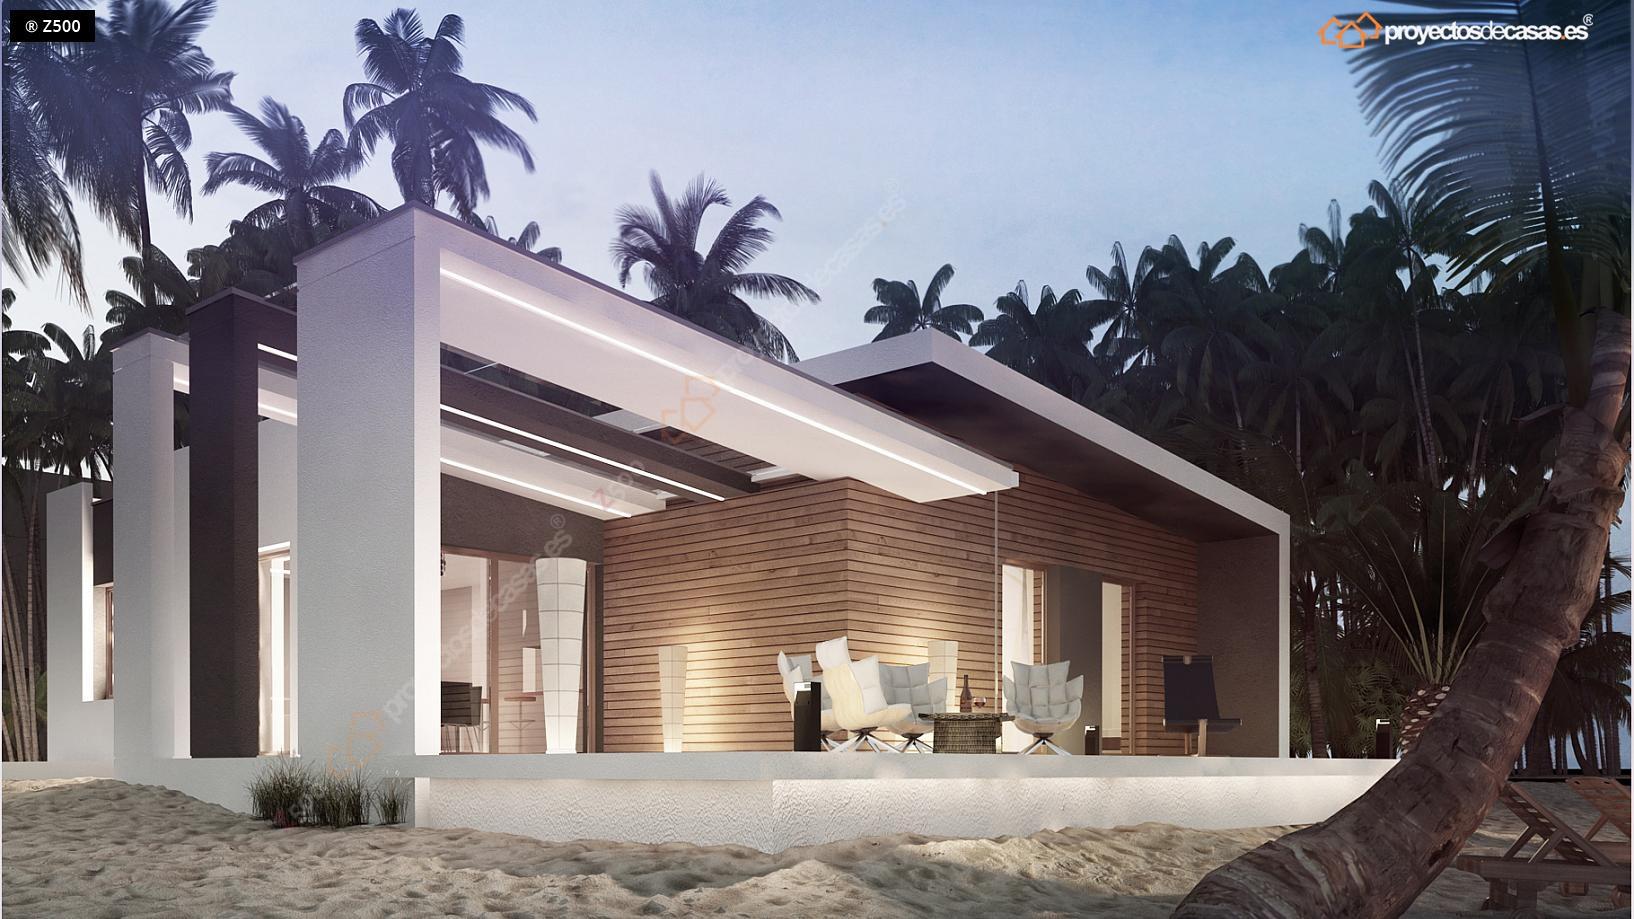 Proyectos de casas casa cadiz moderna de playa - Precio proyecto casa ...